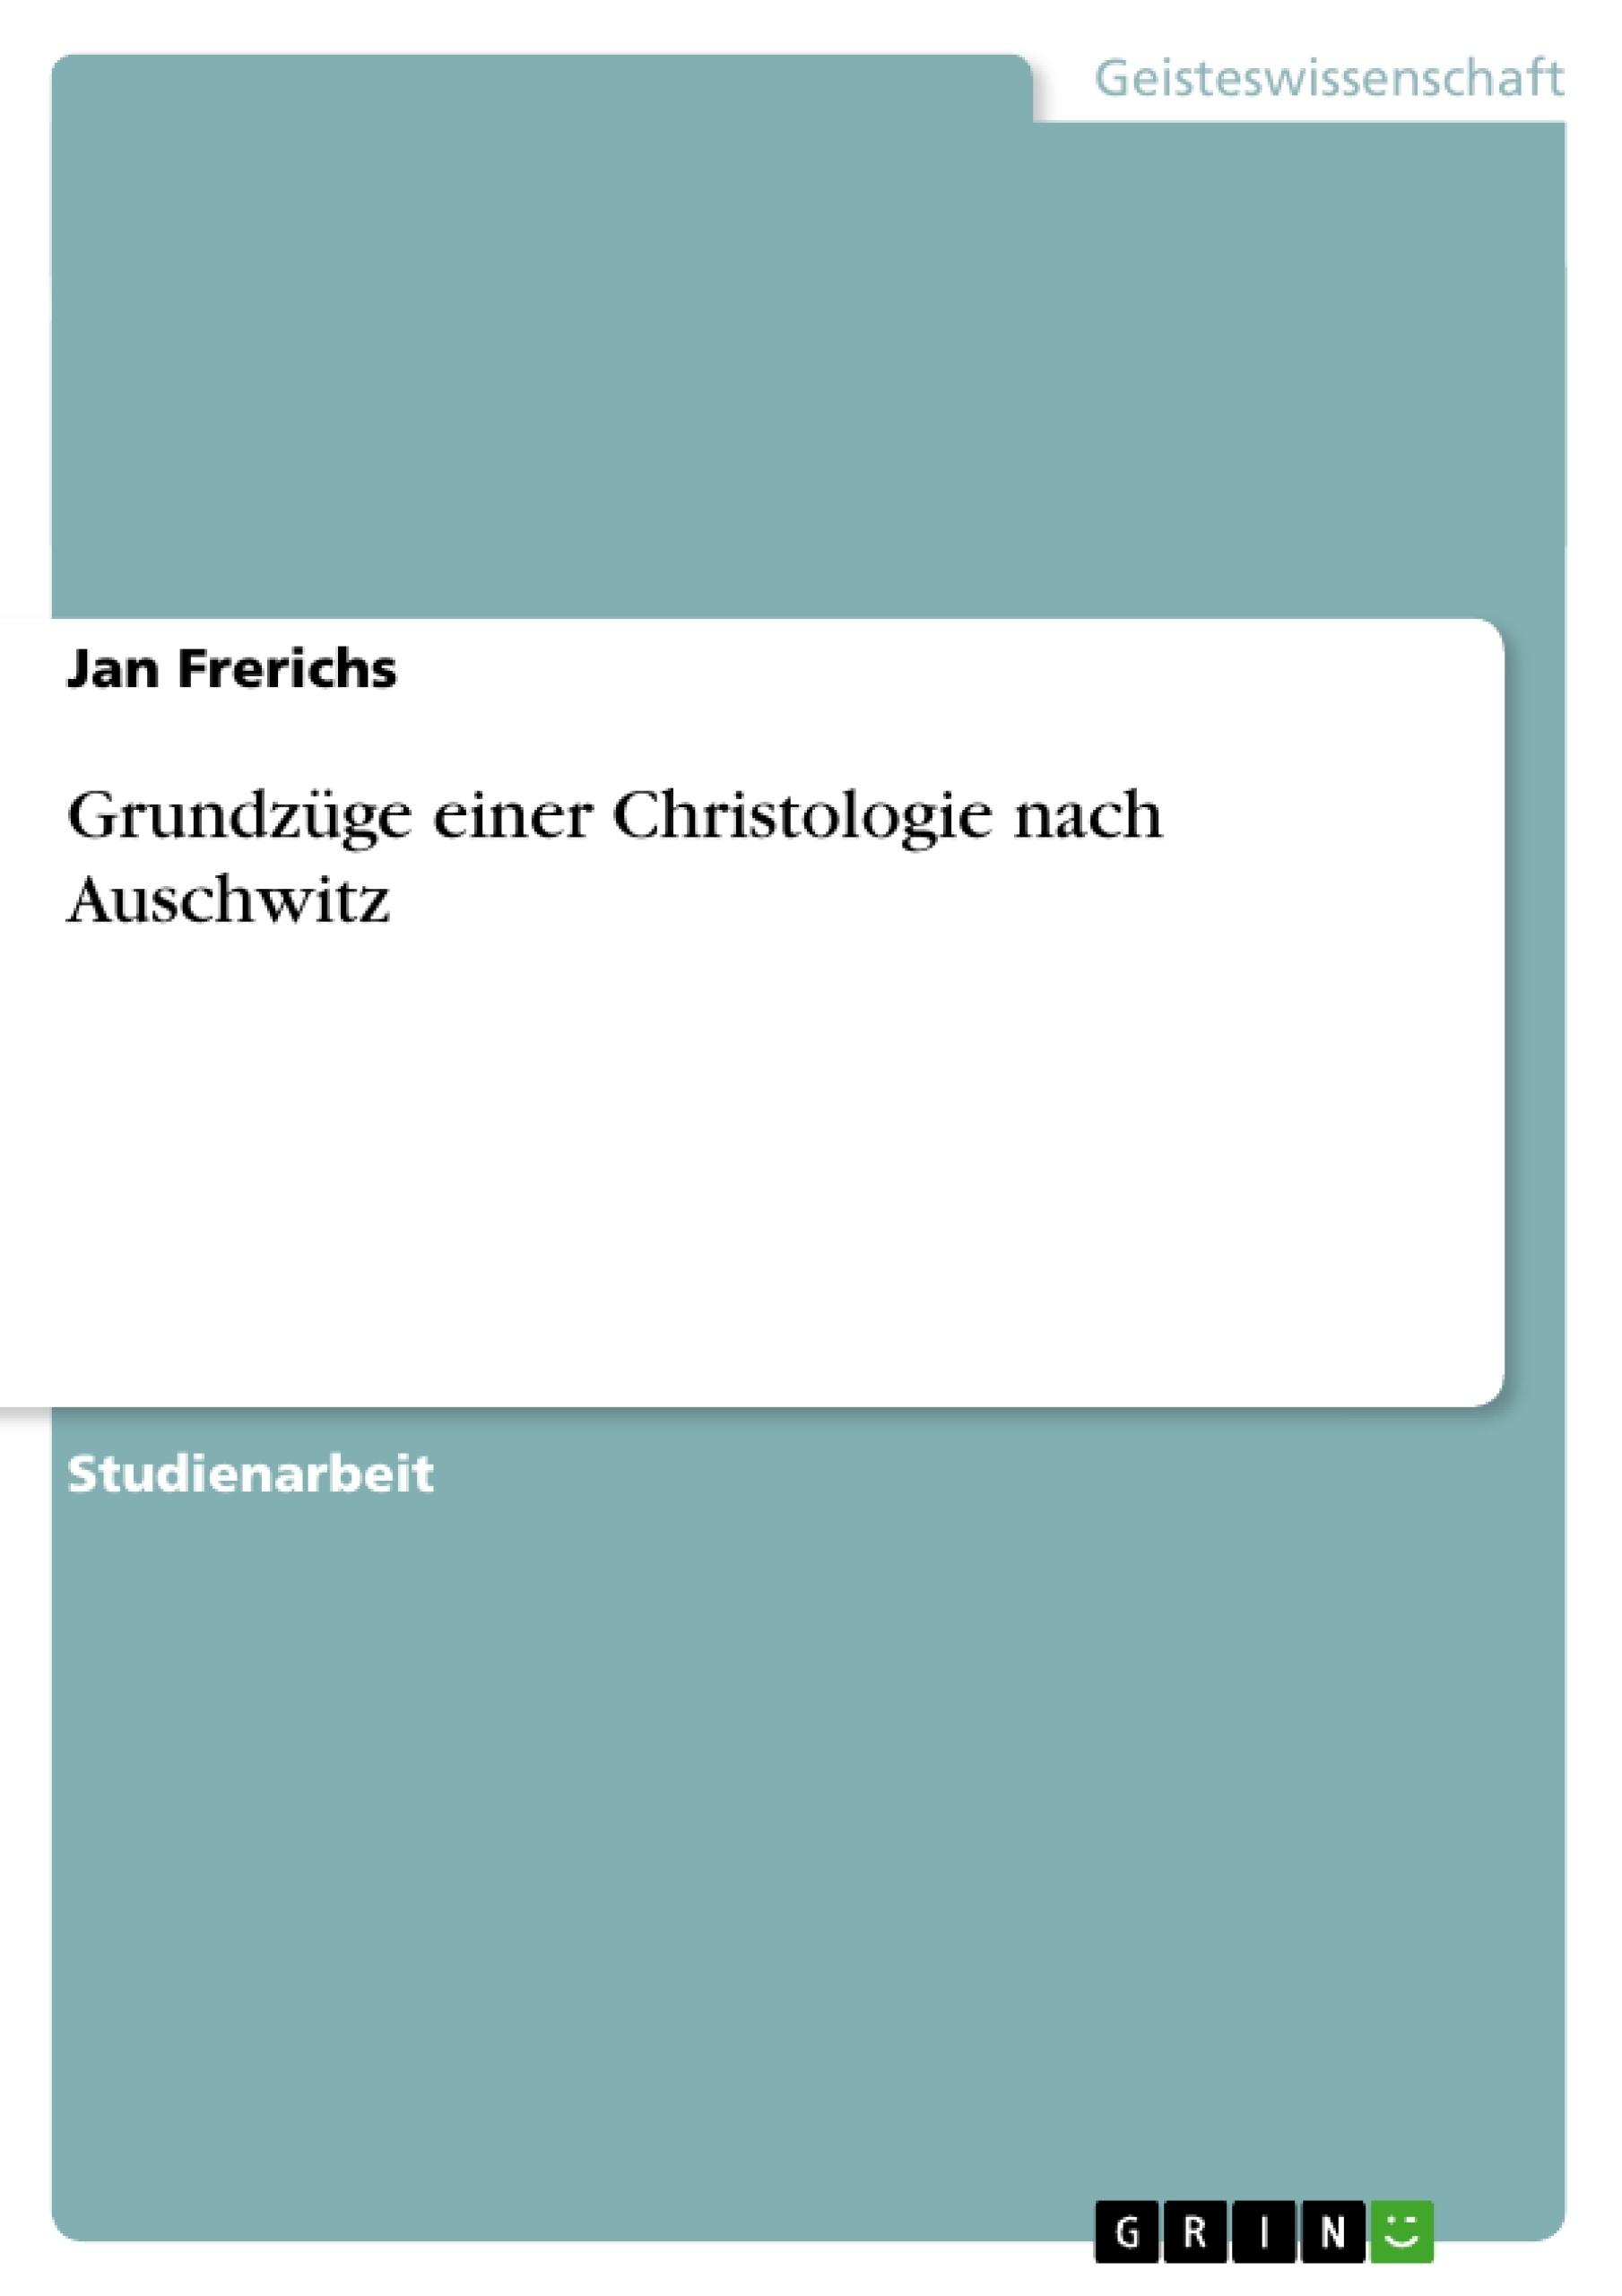 Titel: Grundzüge einer Christologie nach Auschwitz